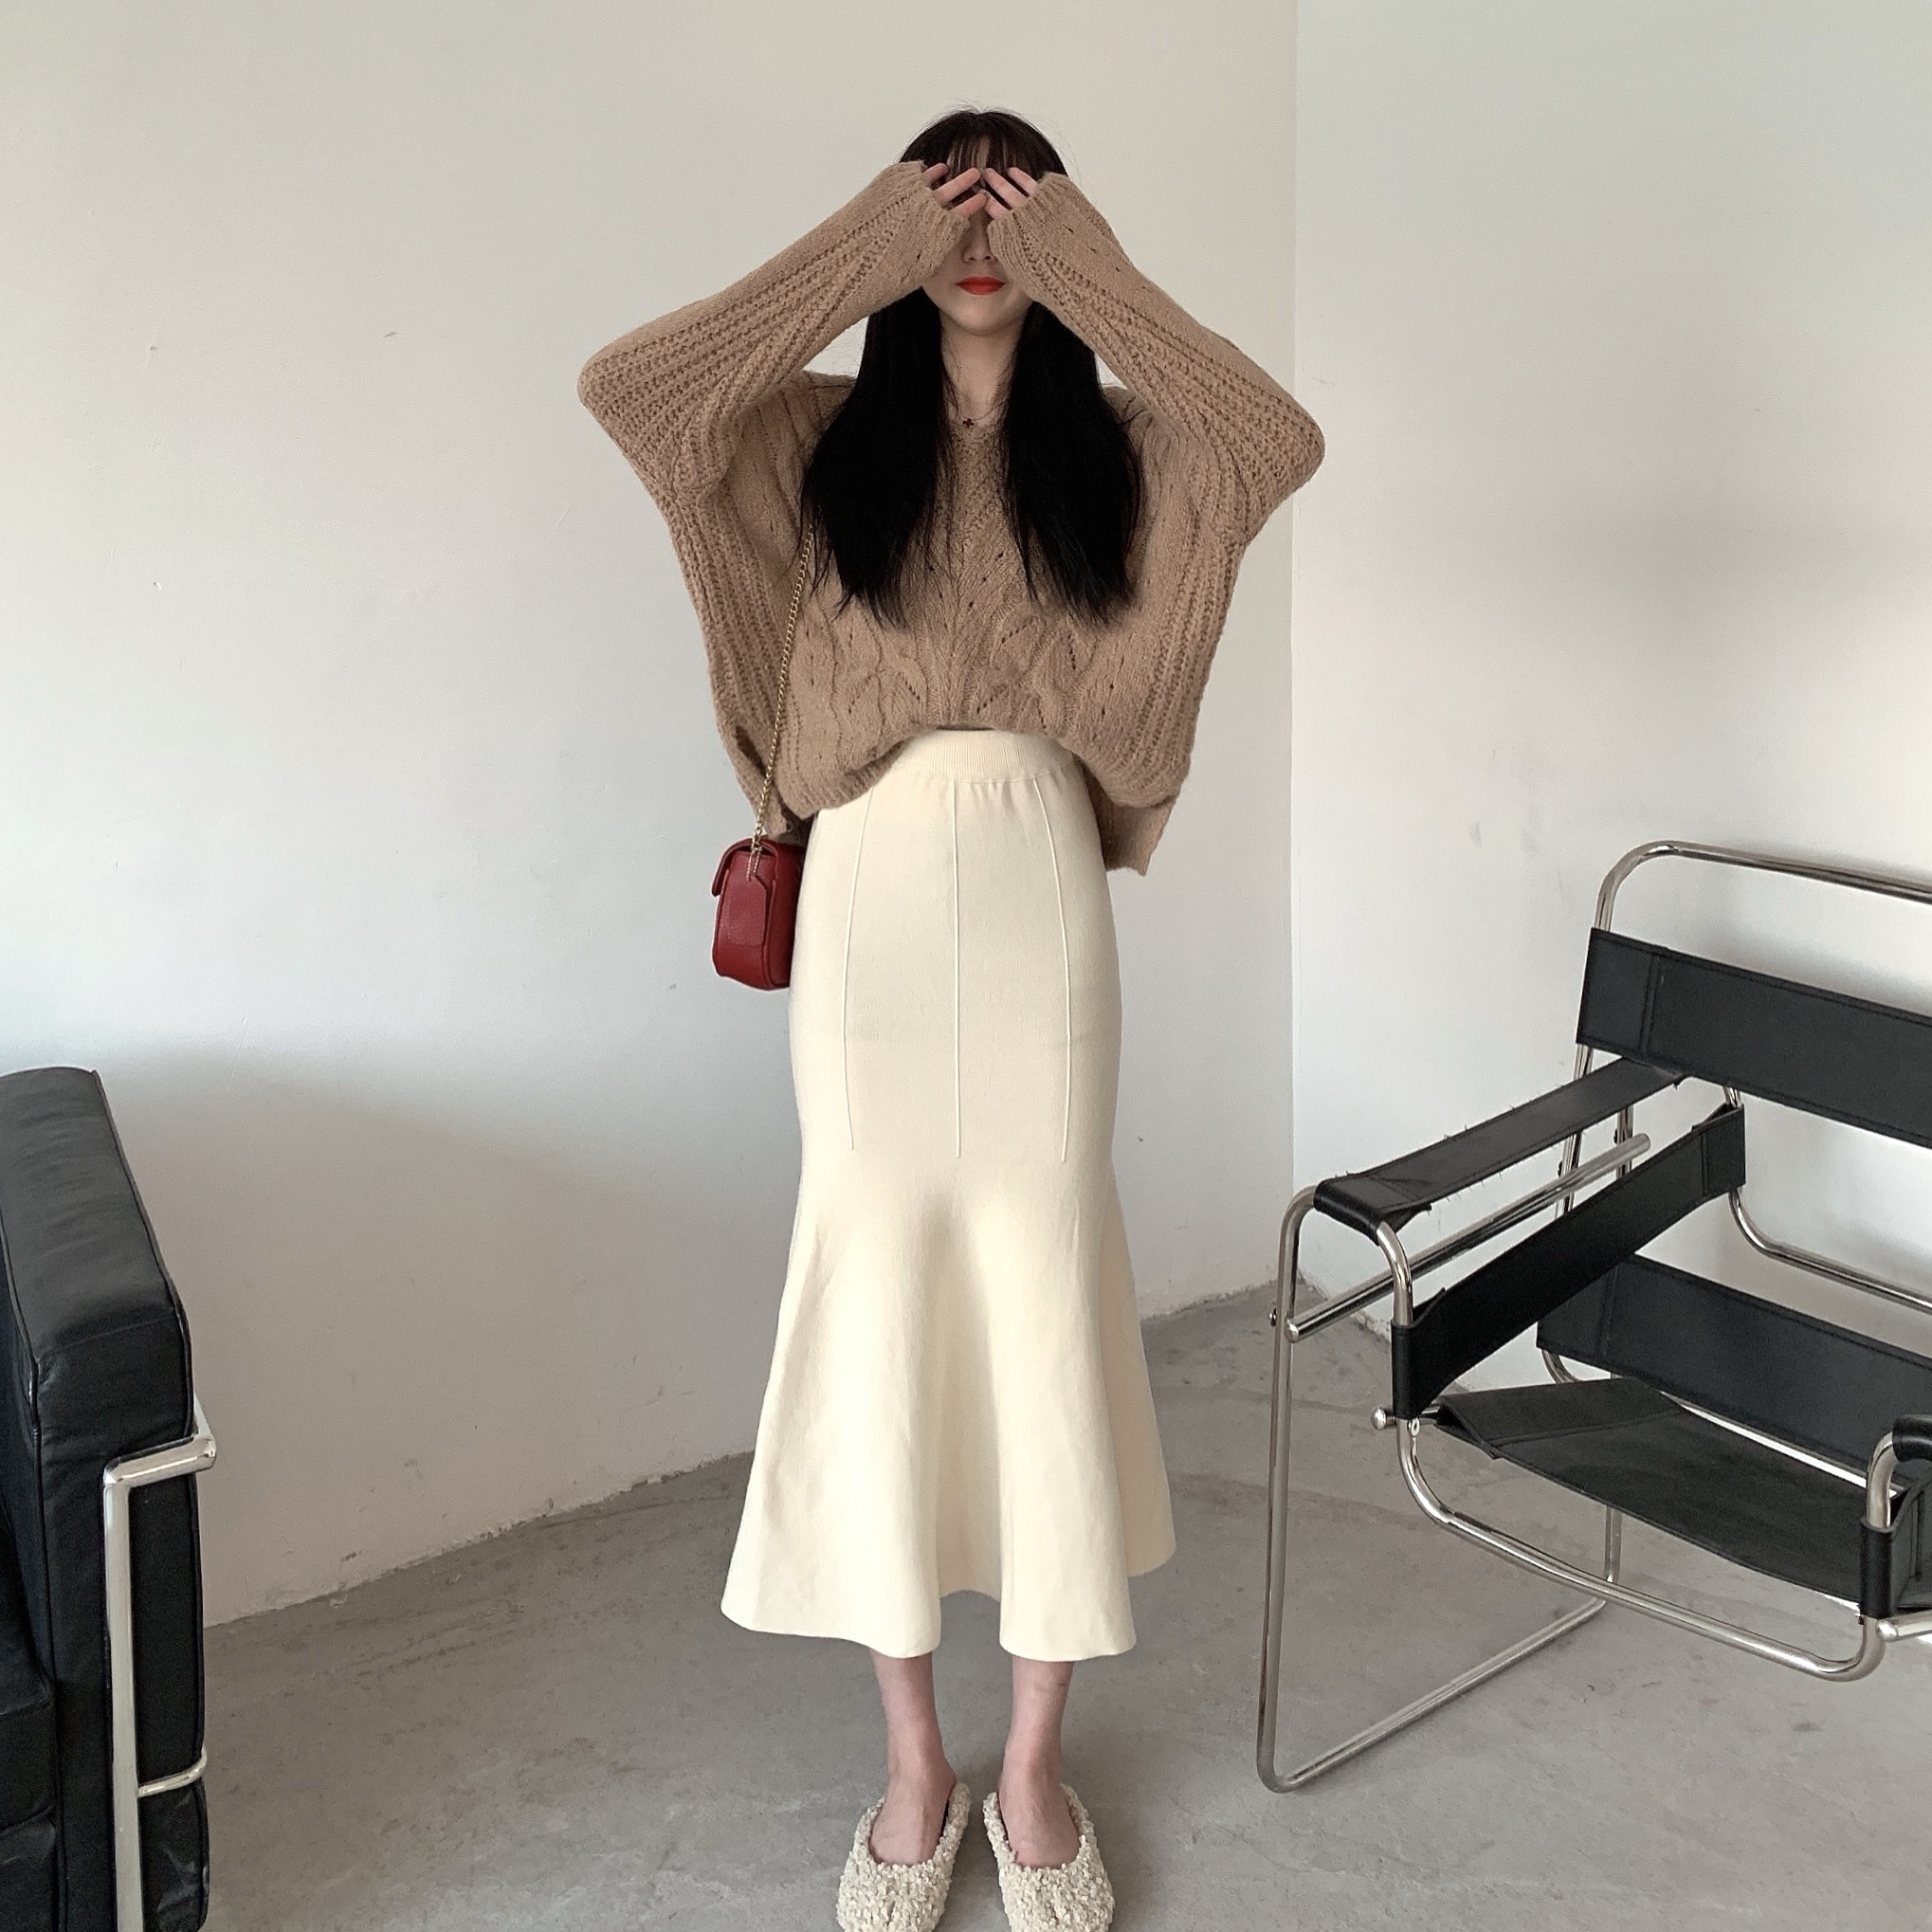 〈カフェシリーズ〉カフェに行きたくなるマーメイドスカート【cafe  Mermaid skirt】